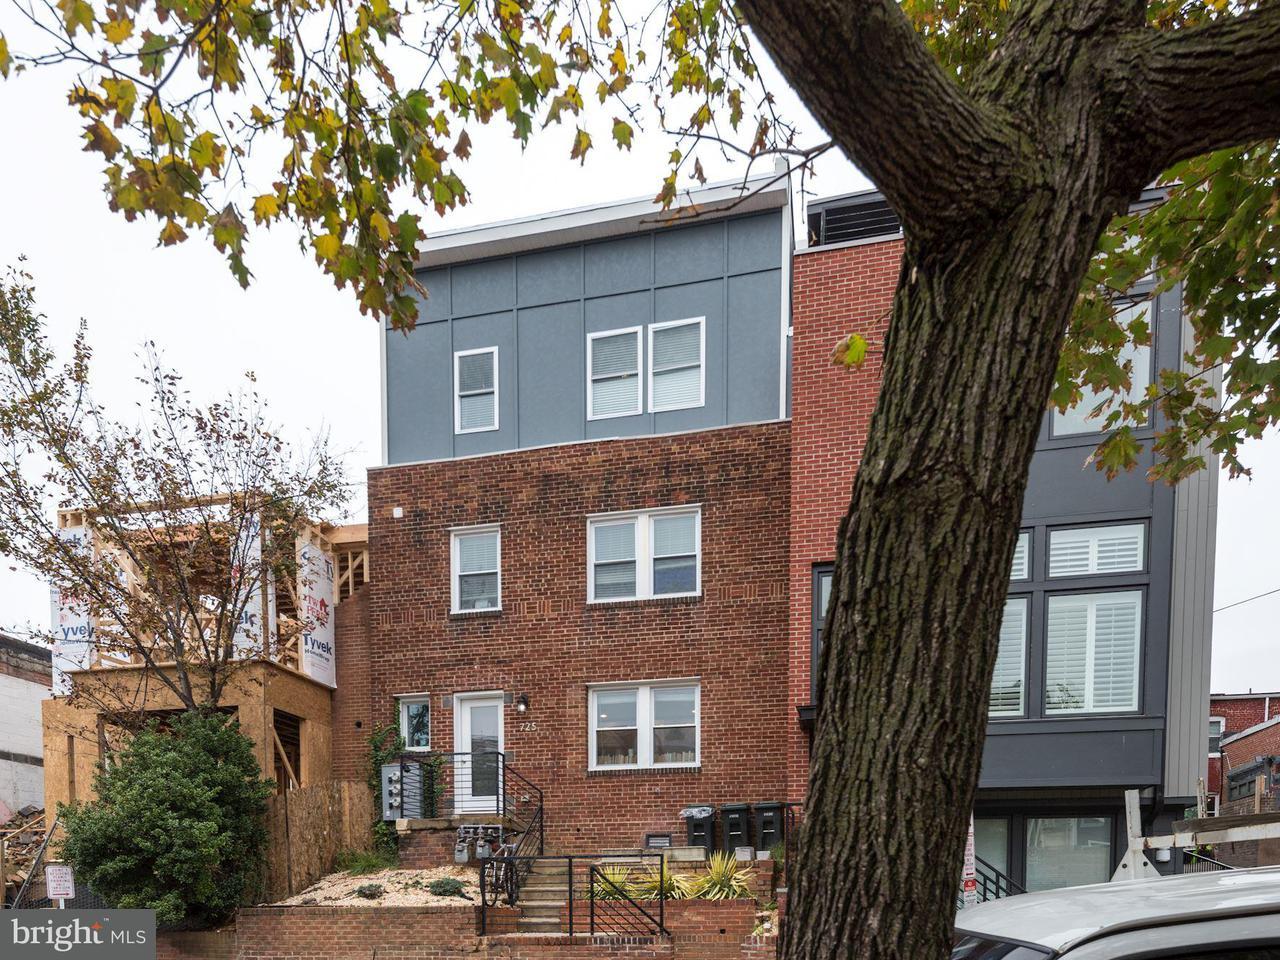 Mehrfamilienhaus für Verkauf beim 725 Hobart Pl Nw 725 Hobart Pl Nw Washington, District Of Columbia 20001 Vereinigte Staaten